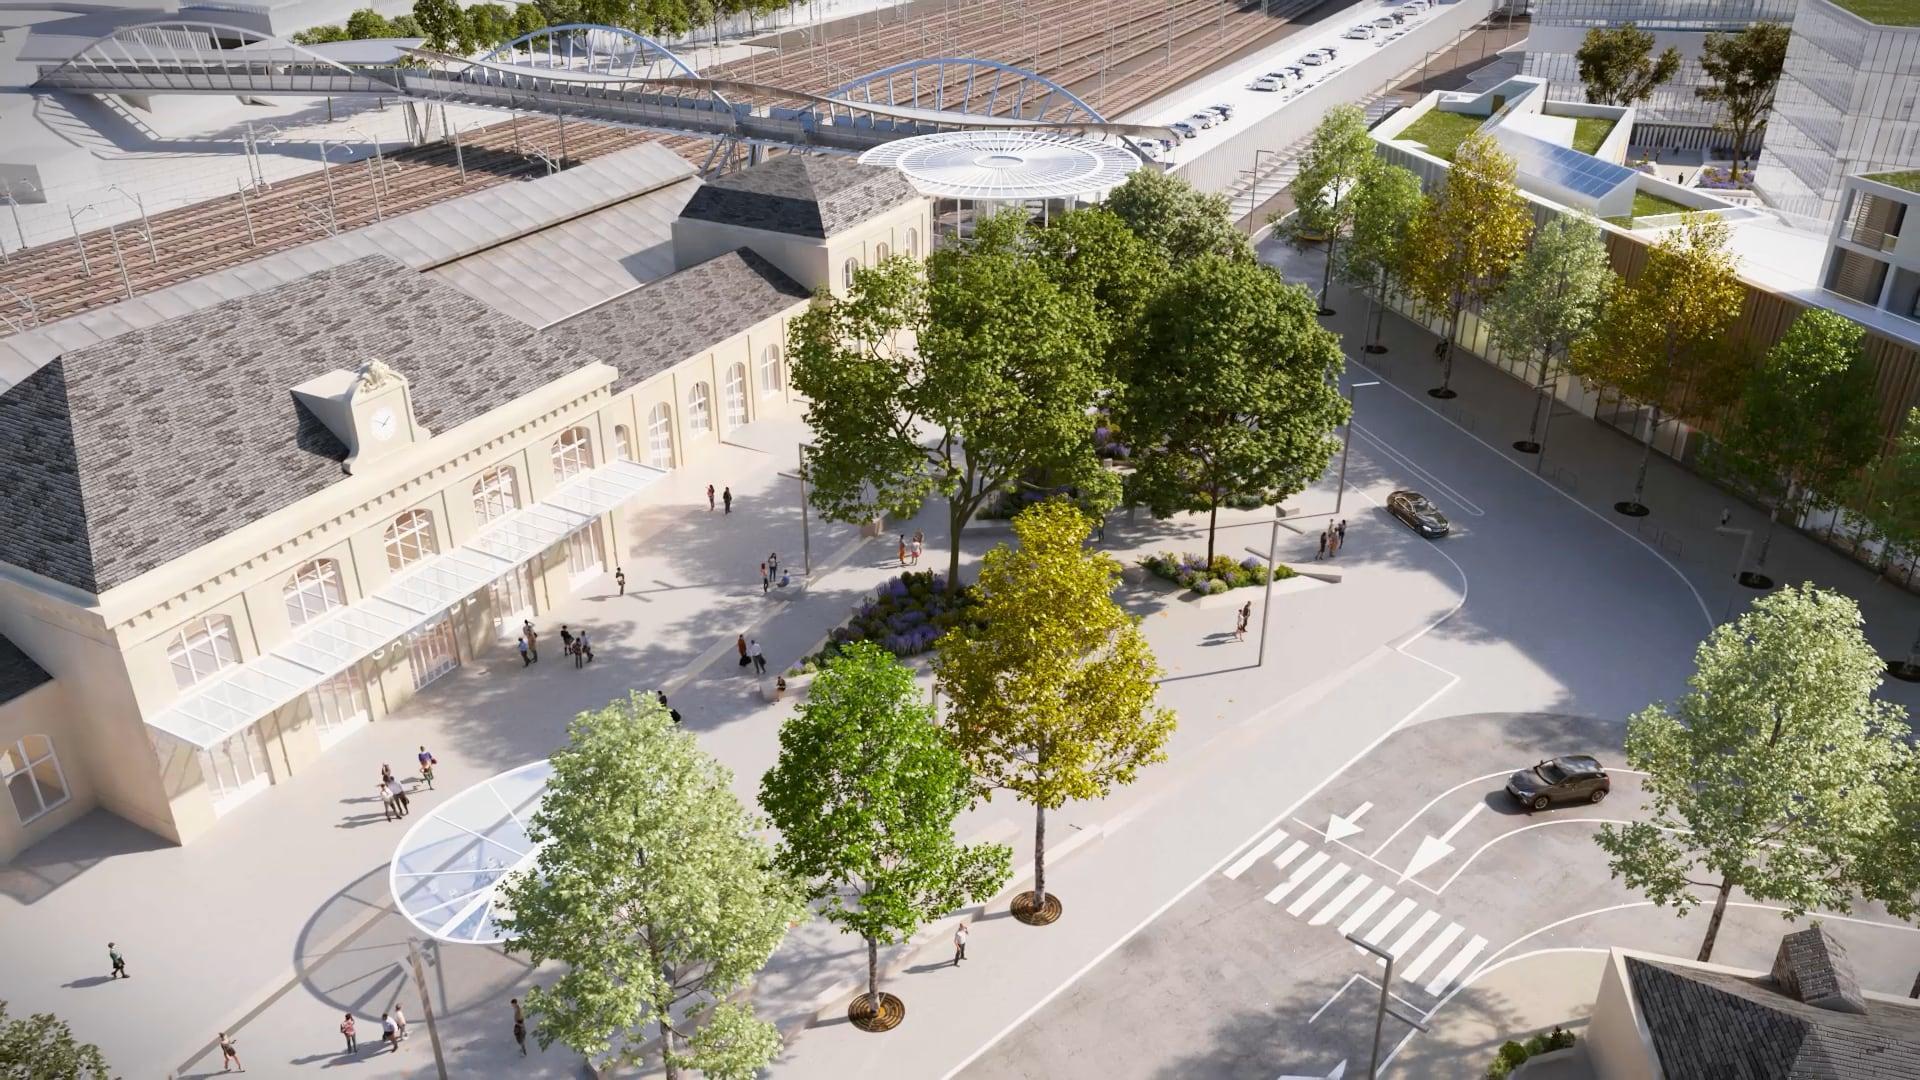 Projection aérienne du futur parvis delagare, désormais entièrement réservé aux circulations douces et végétalisé. De nouveaux bâtiments sont visibles en arrière-plan.